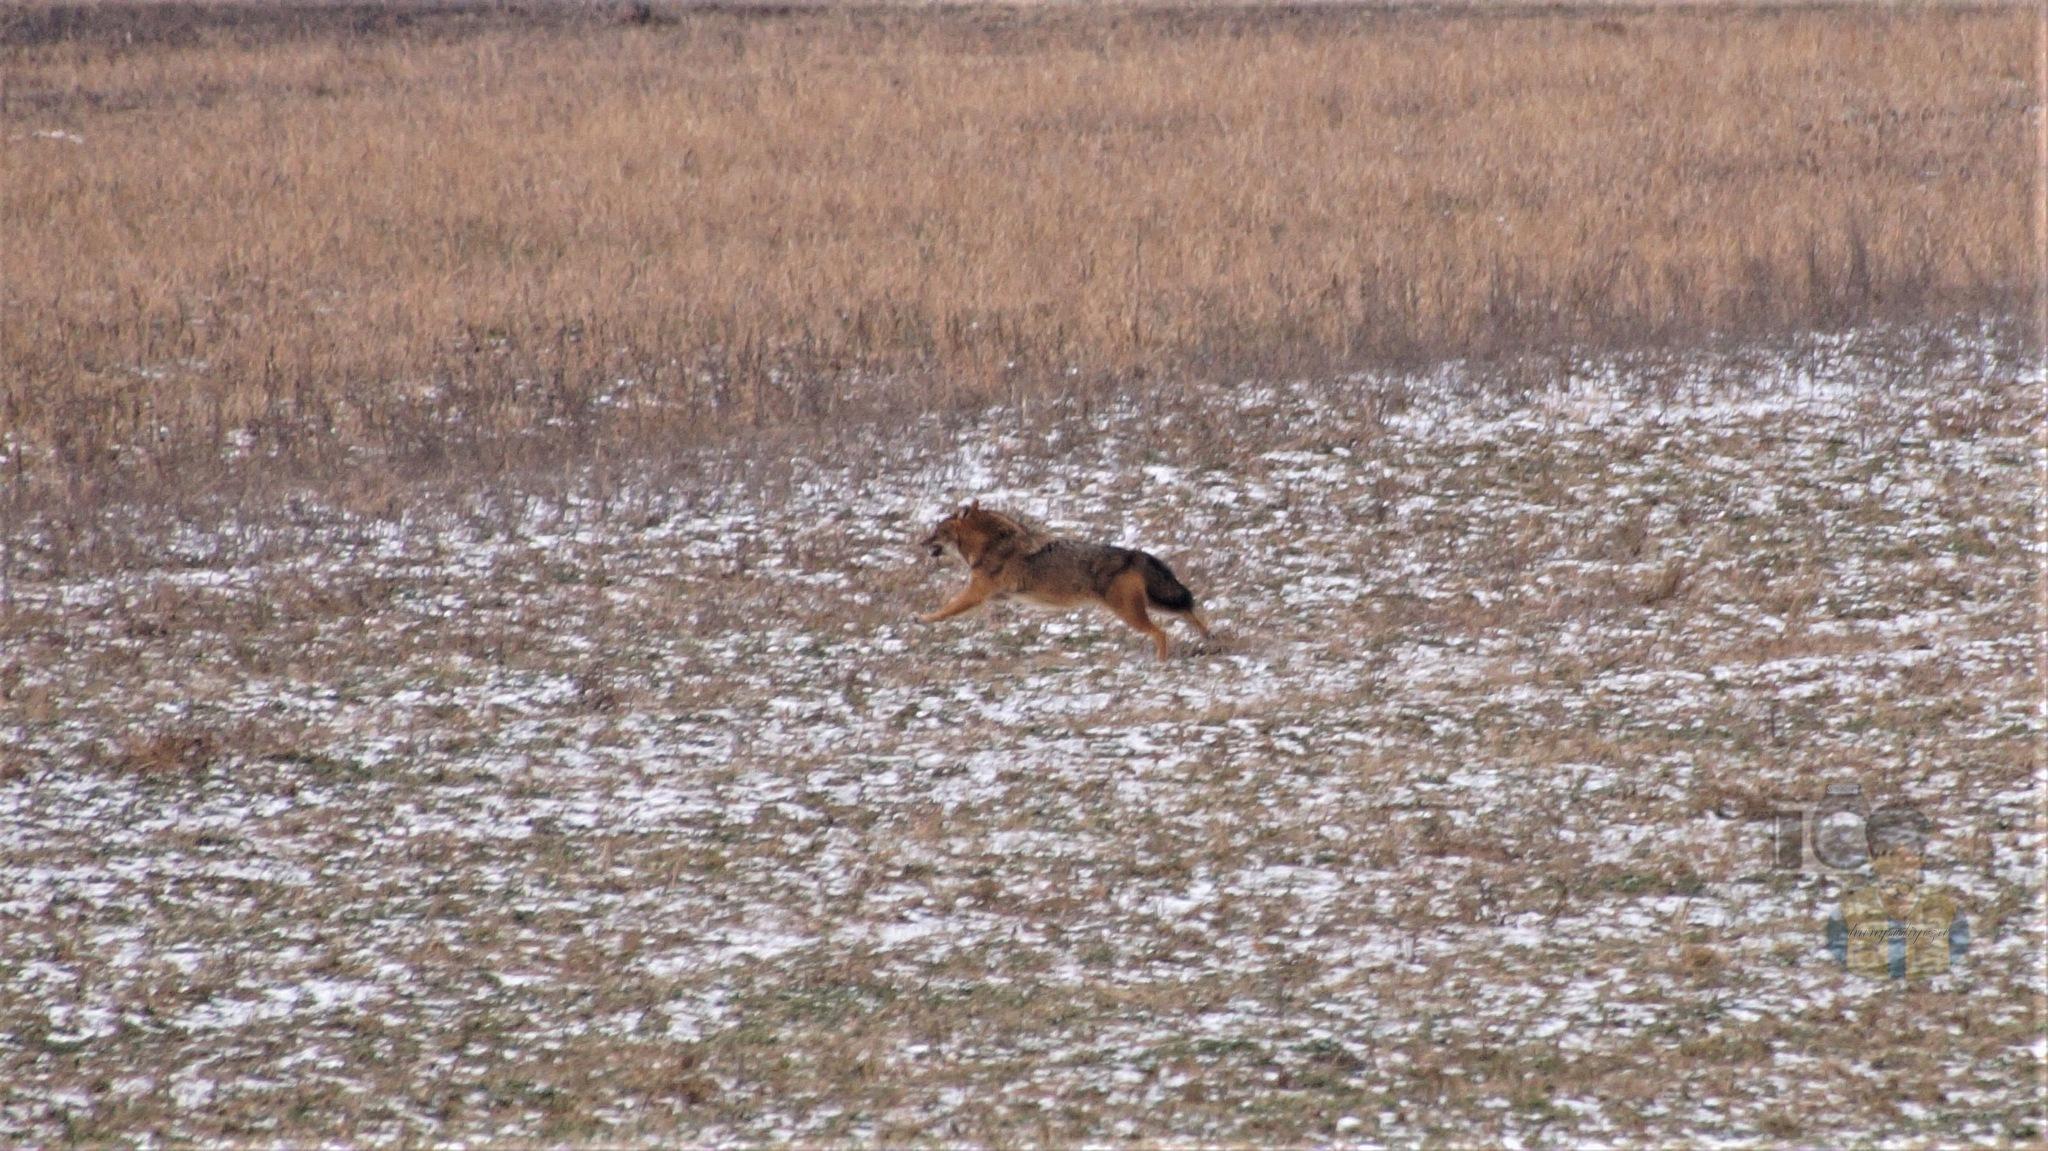 January 26, today, jackal run on snowy meadow by hunyadigeza